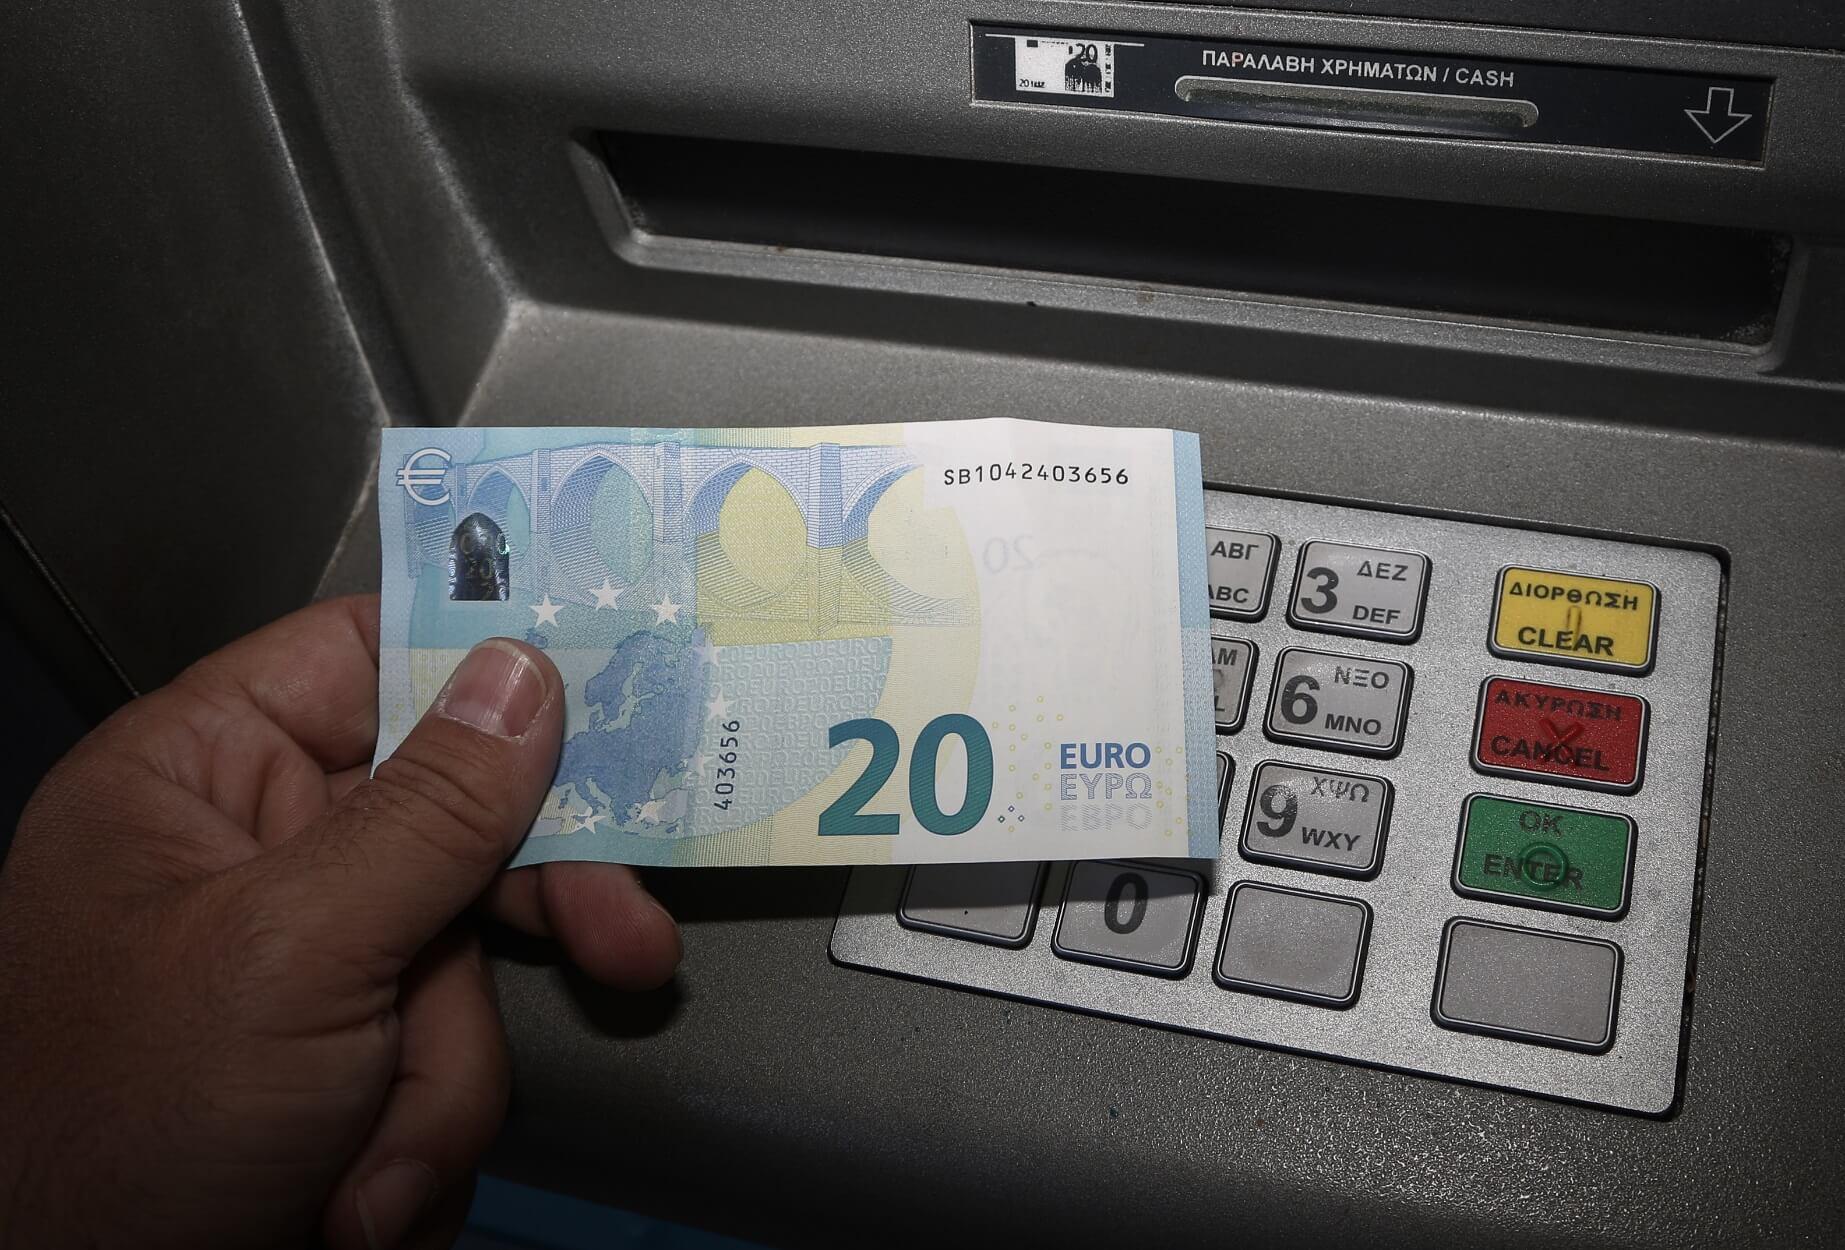 Επίδομα 400 ευρώ: «Πιάνει» περισσότερους ελεύθερους επαγγελματίες και αυτοαπασχολούμενους